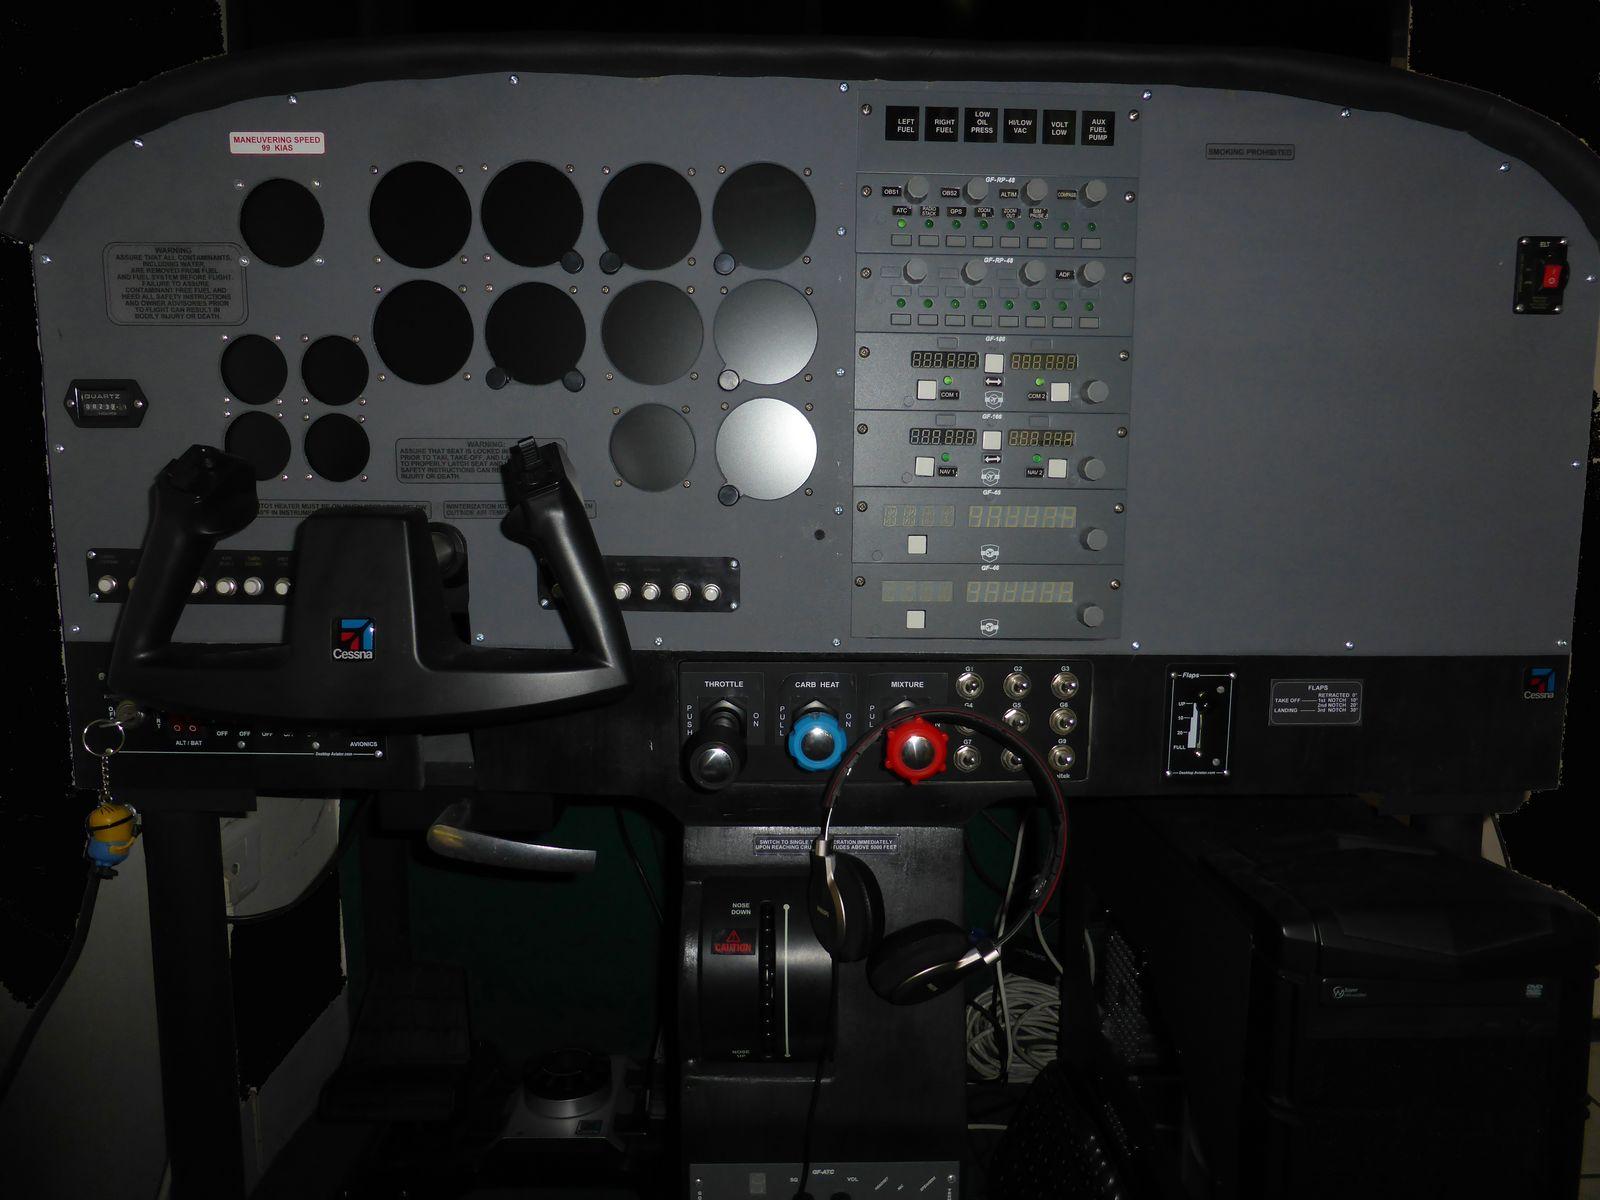 http://www.pilote-virtuel.com/img/members/9578/P1140730-1600x1200.JPG